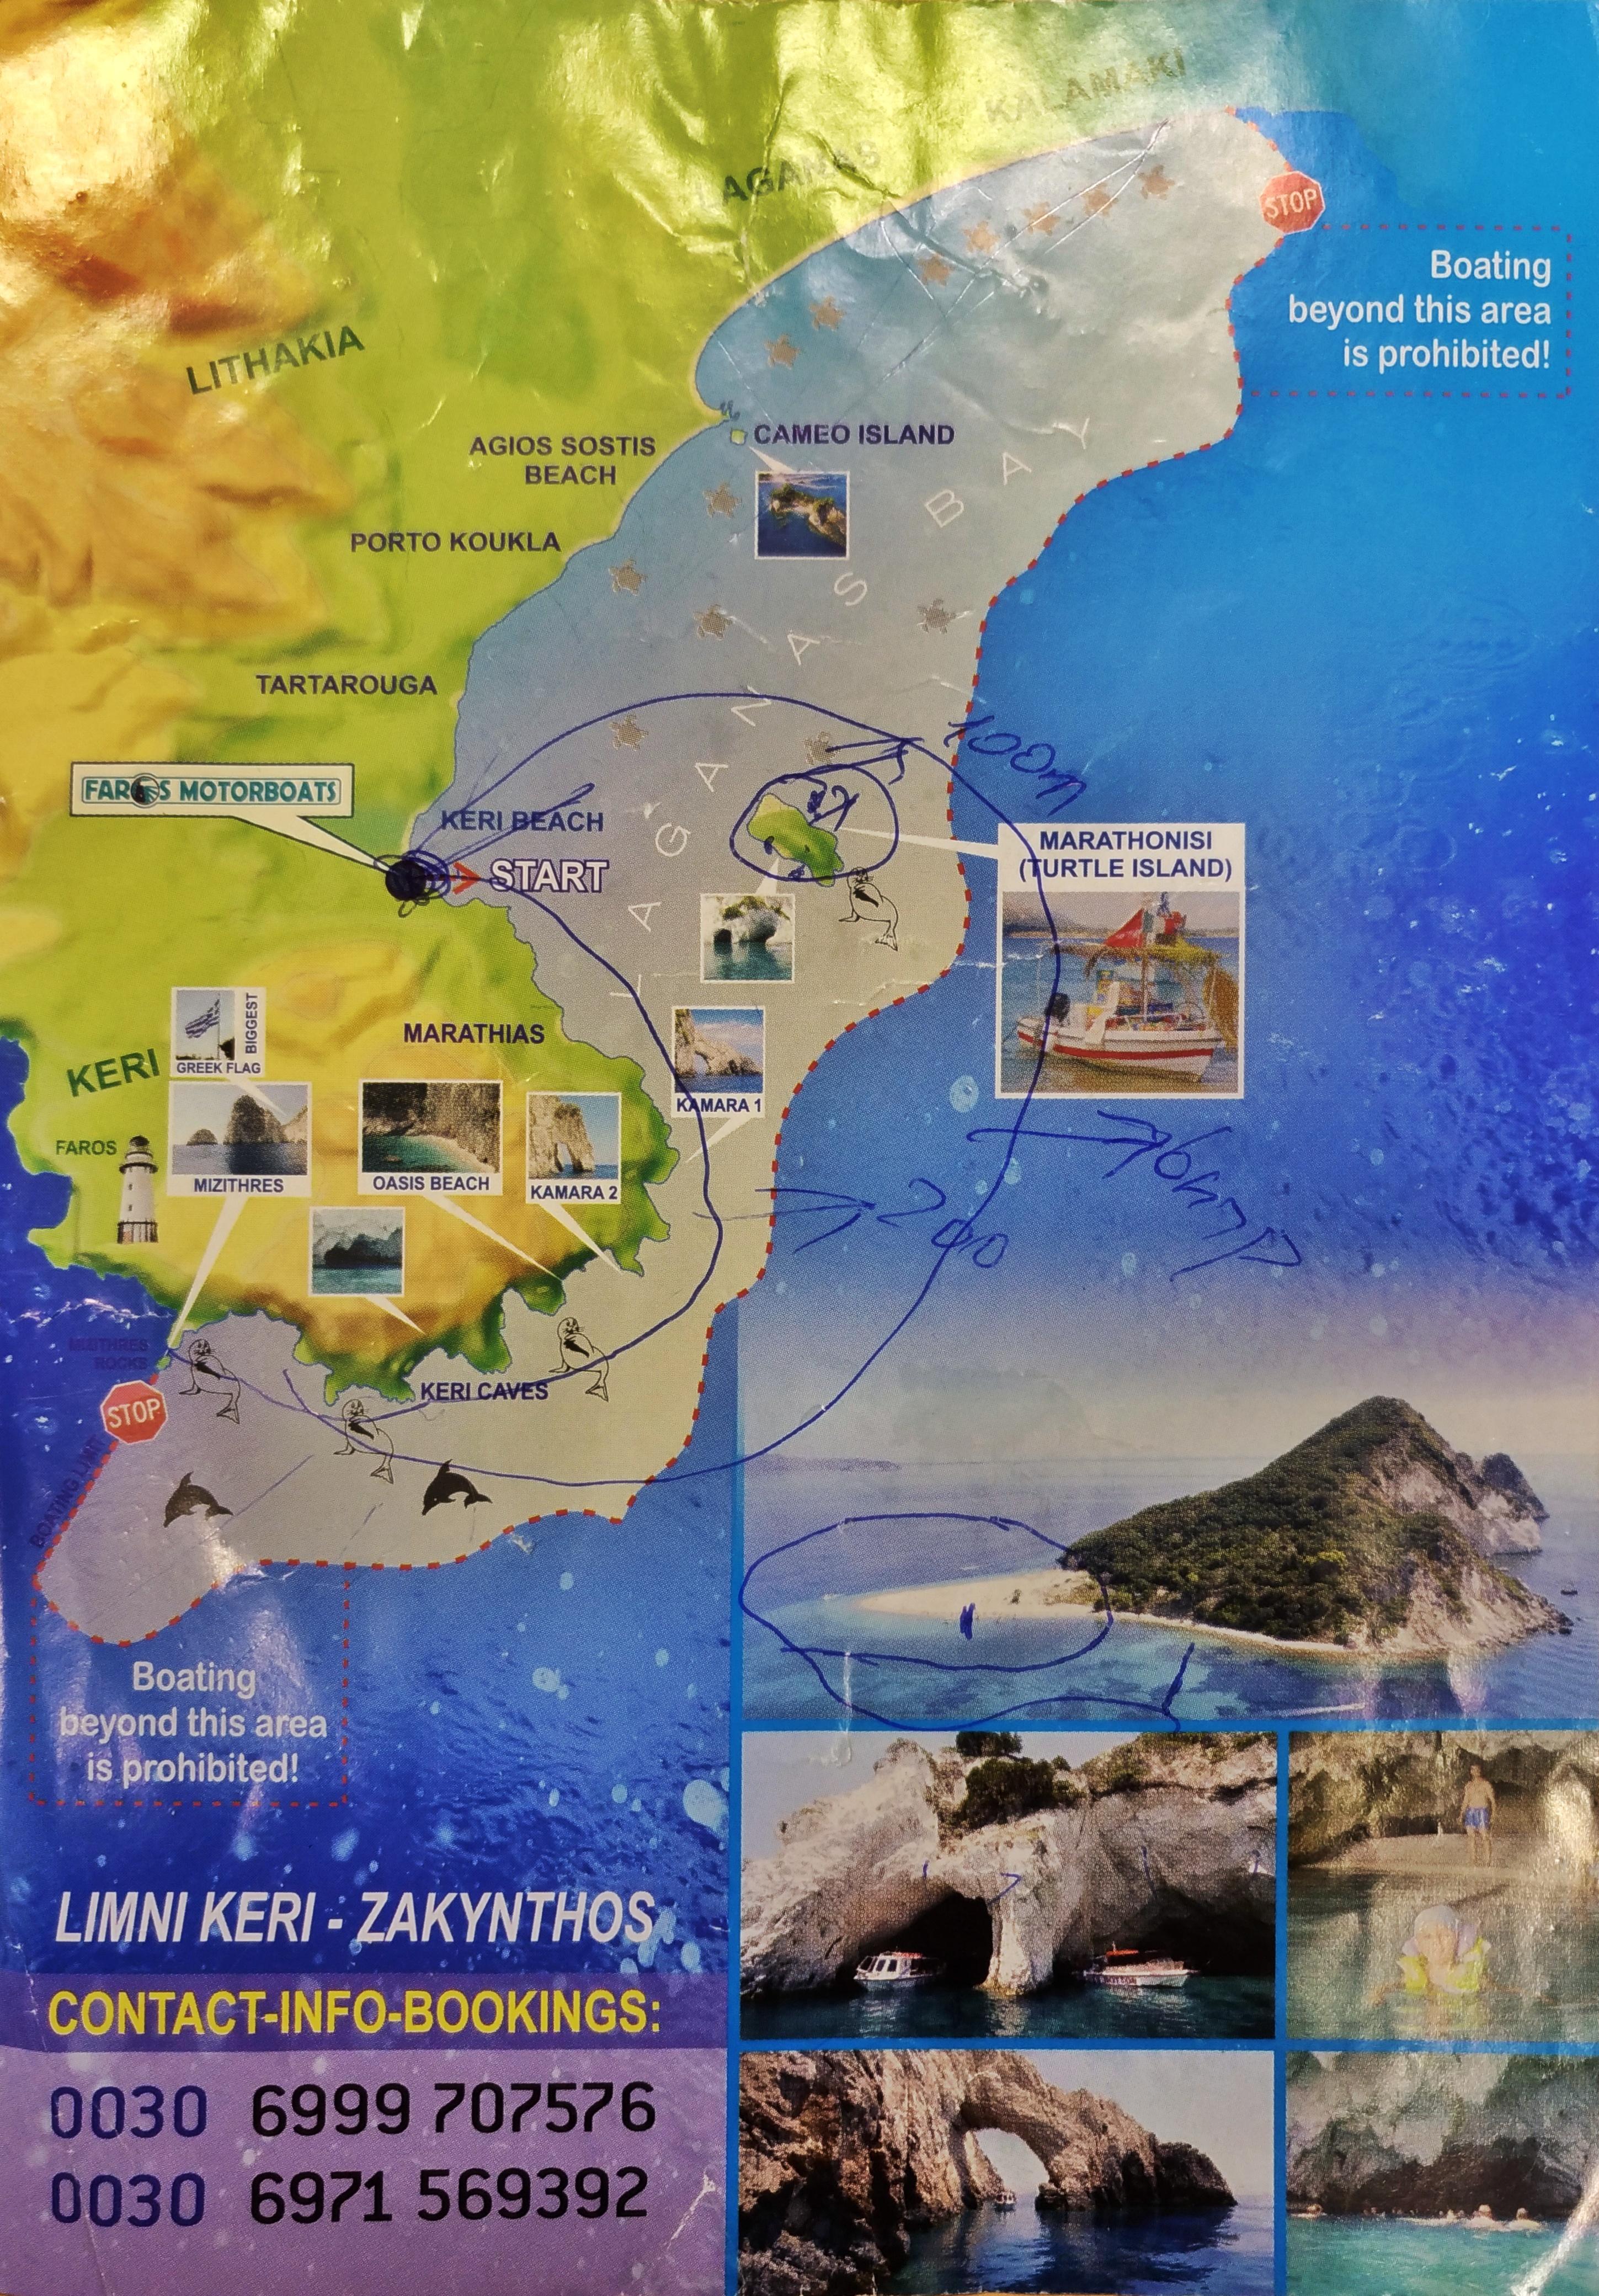 Карта акваьории бухты Лаганас с пометками